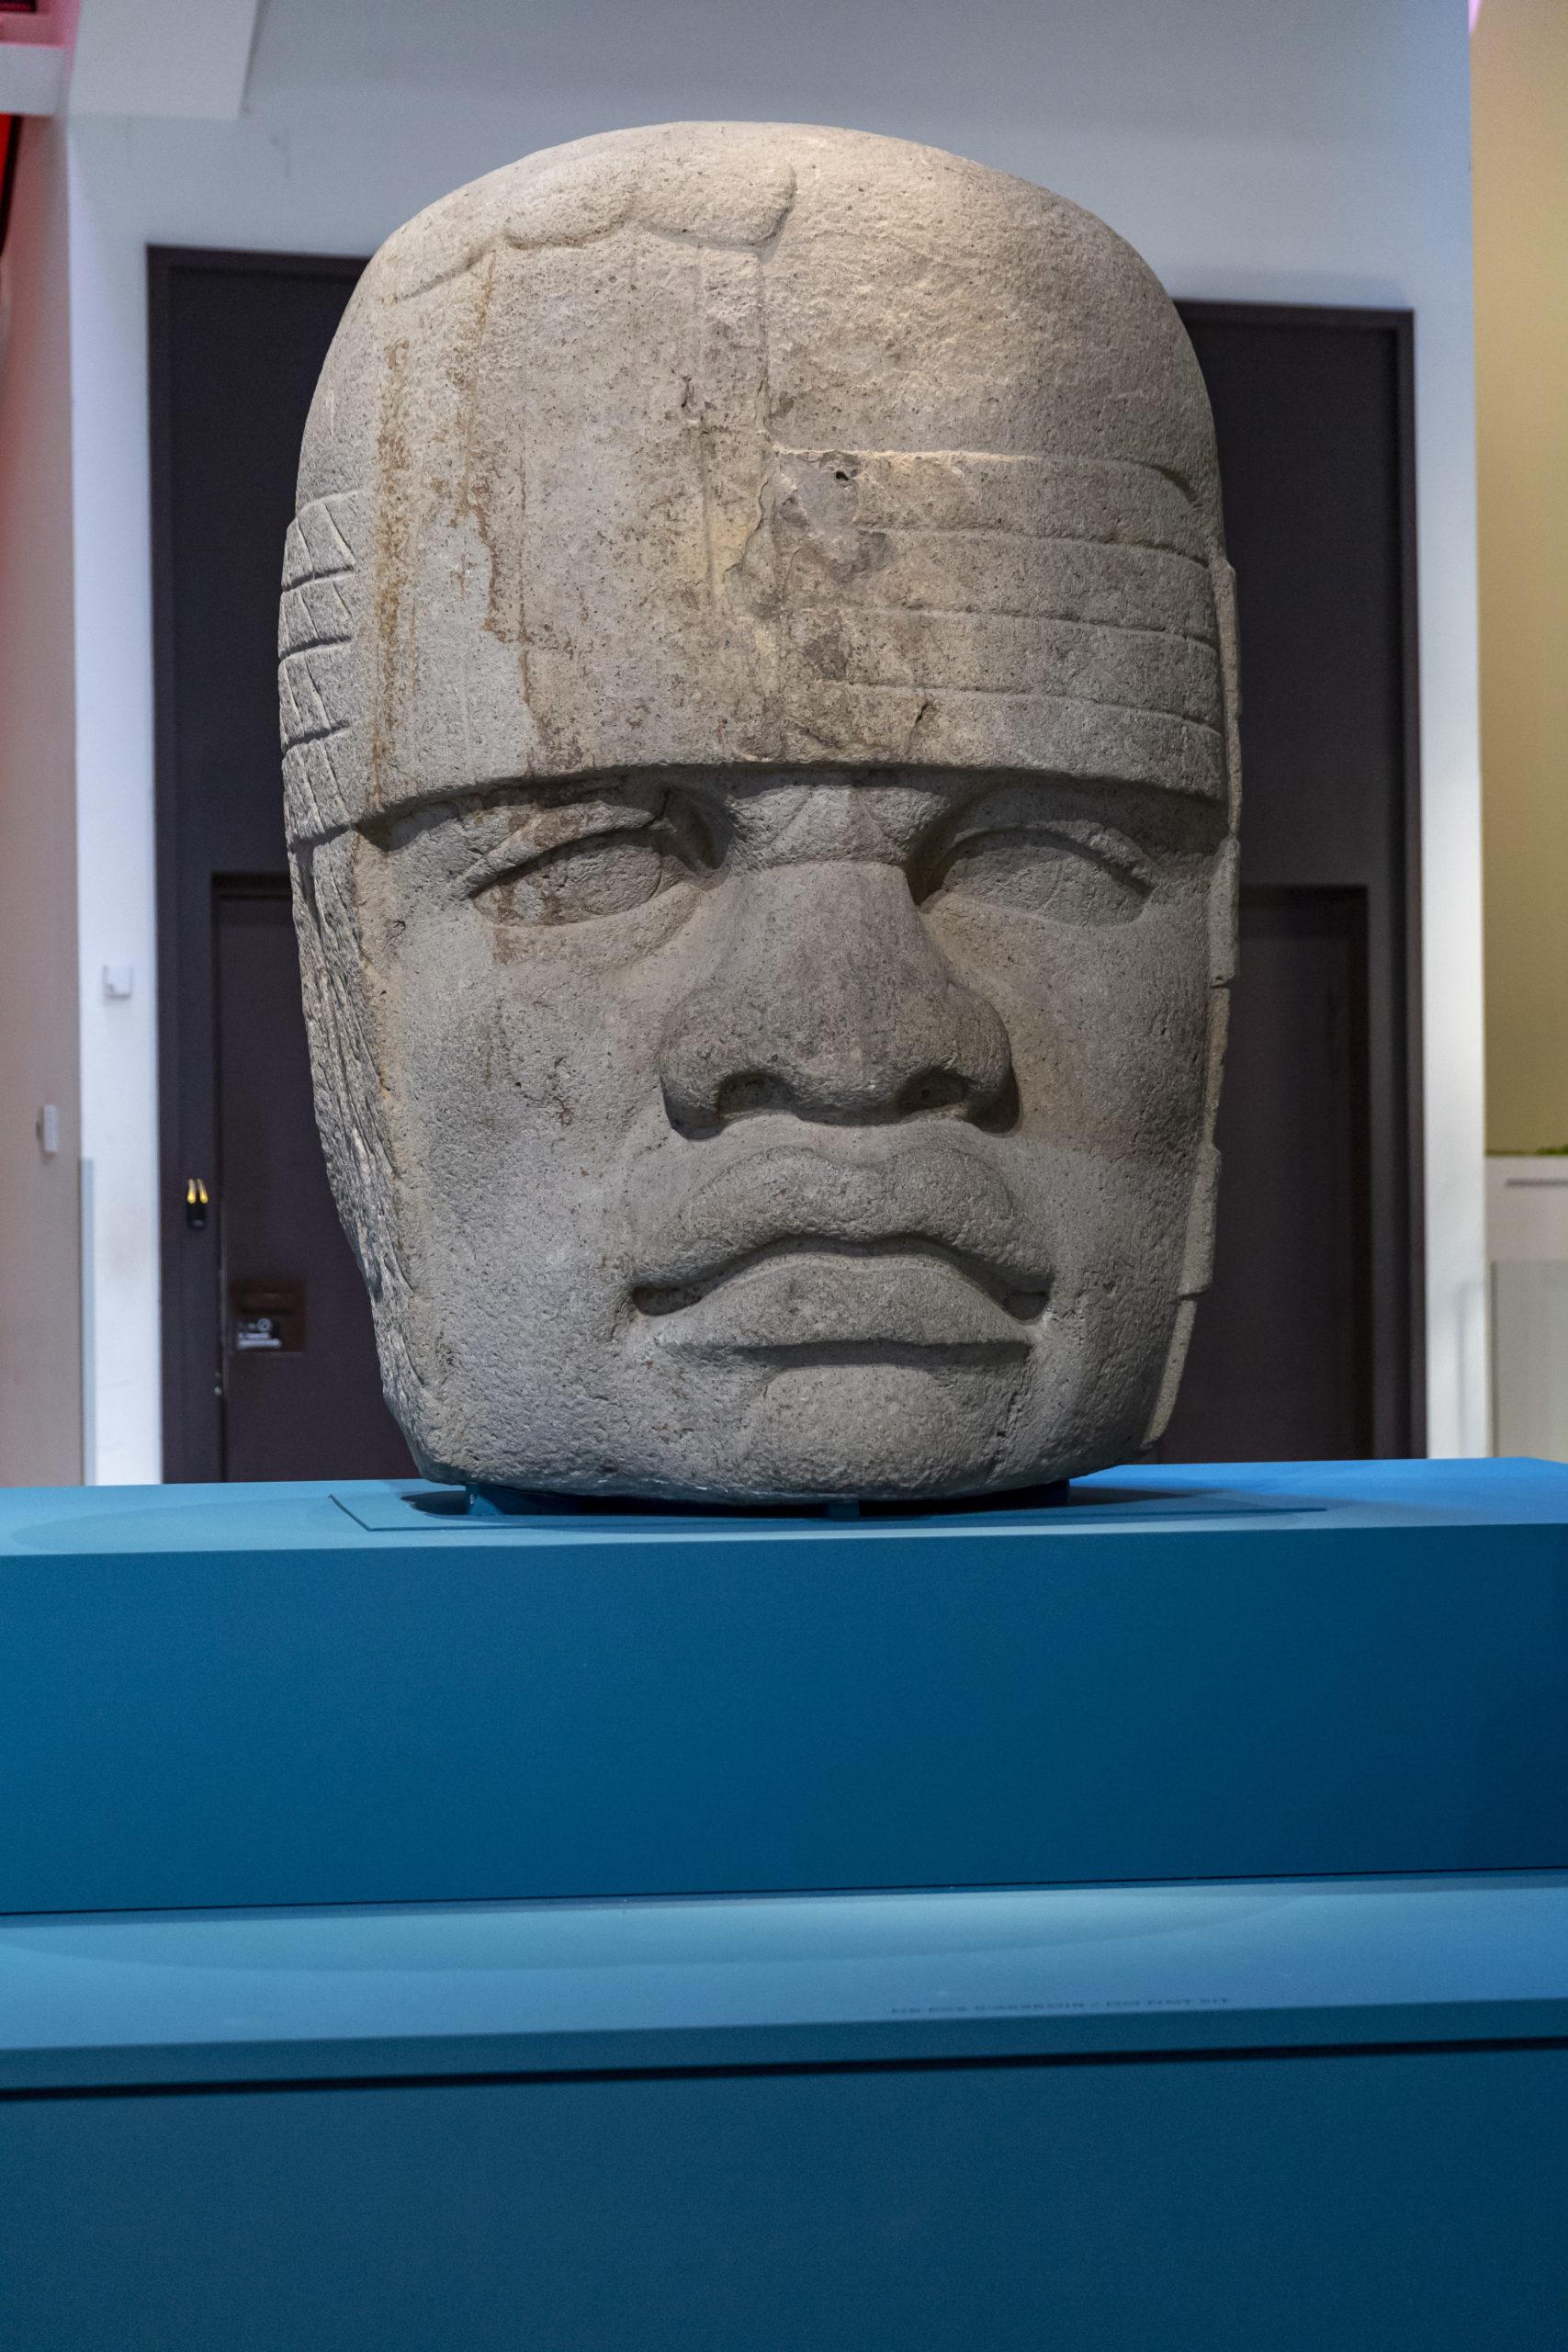 Monument 4, tête colossale n°4 1200-900 av. J.-C. Site de San Lorenzo Tenochtitlan, État du Veracruz,